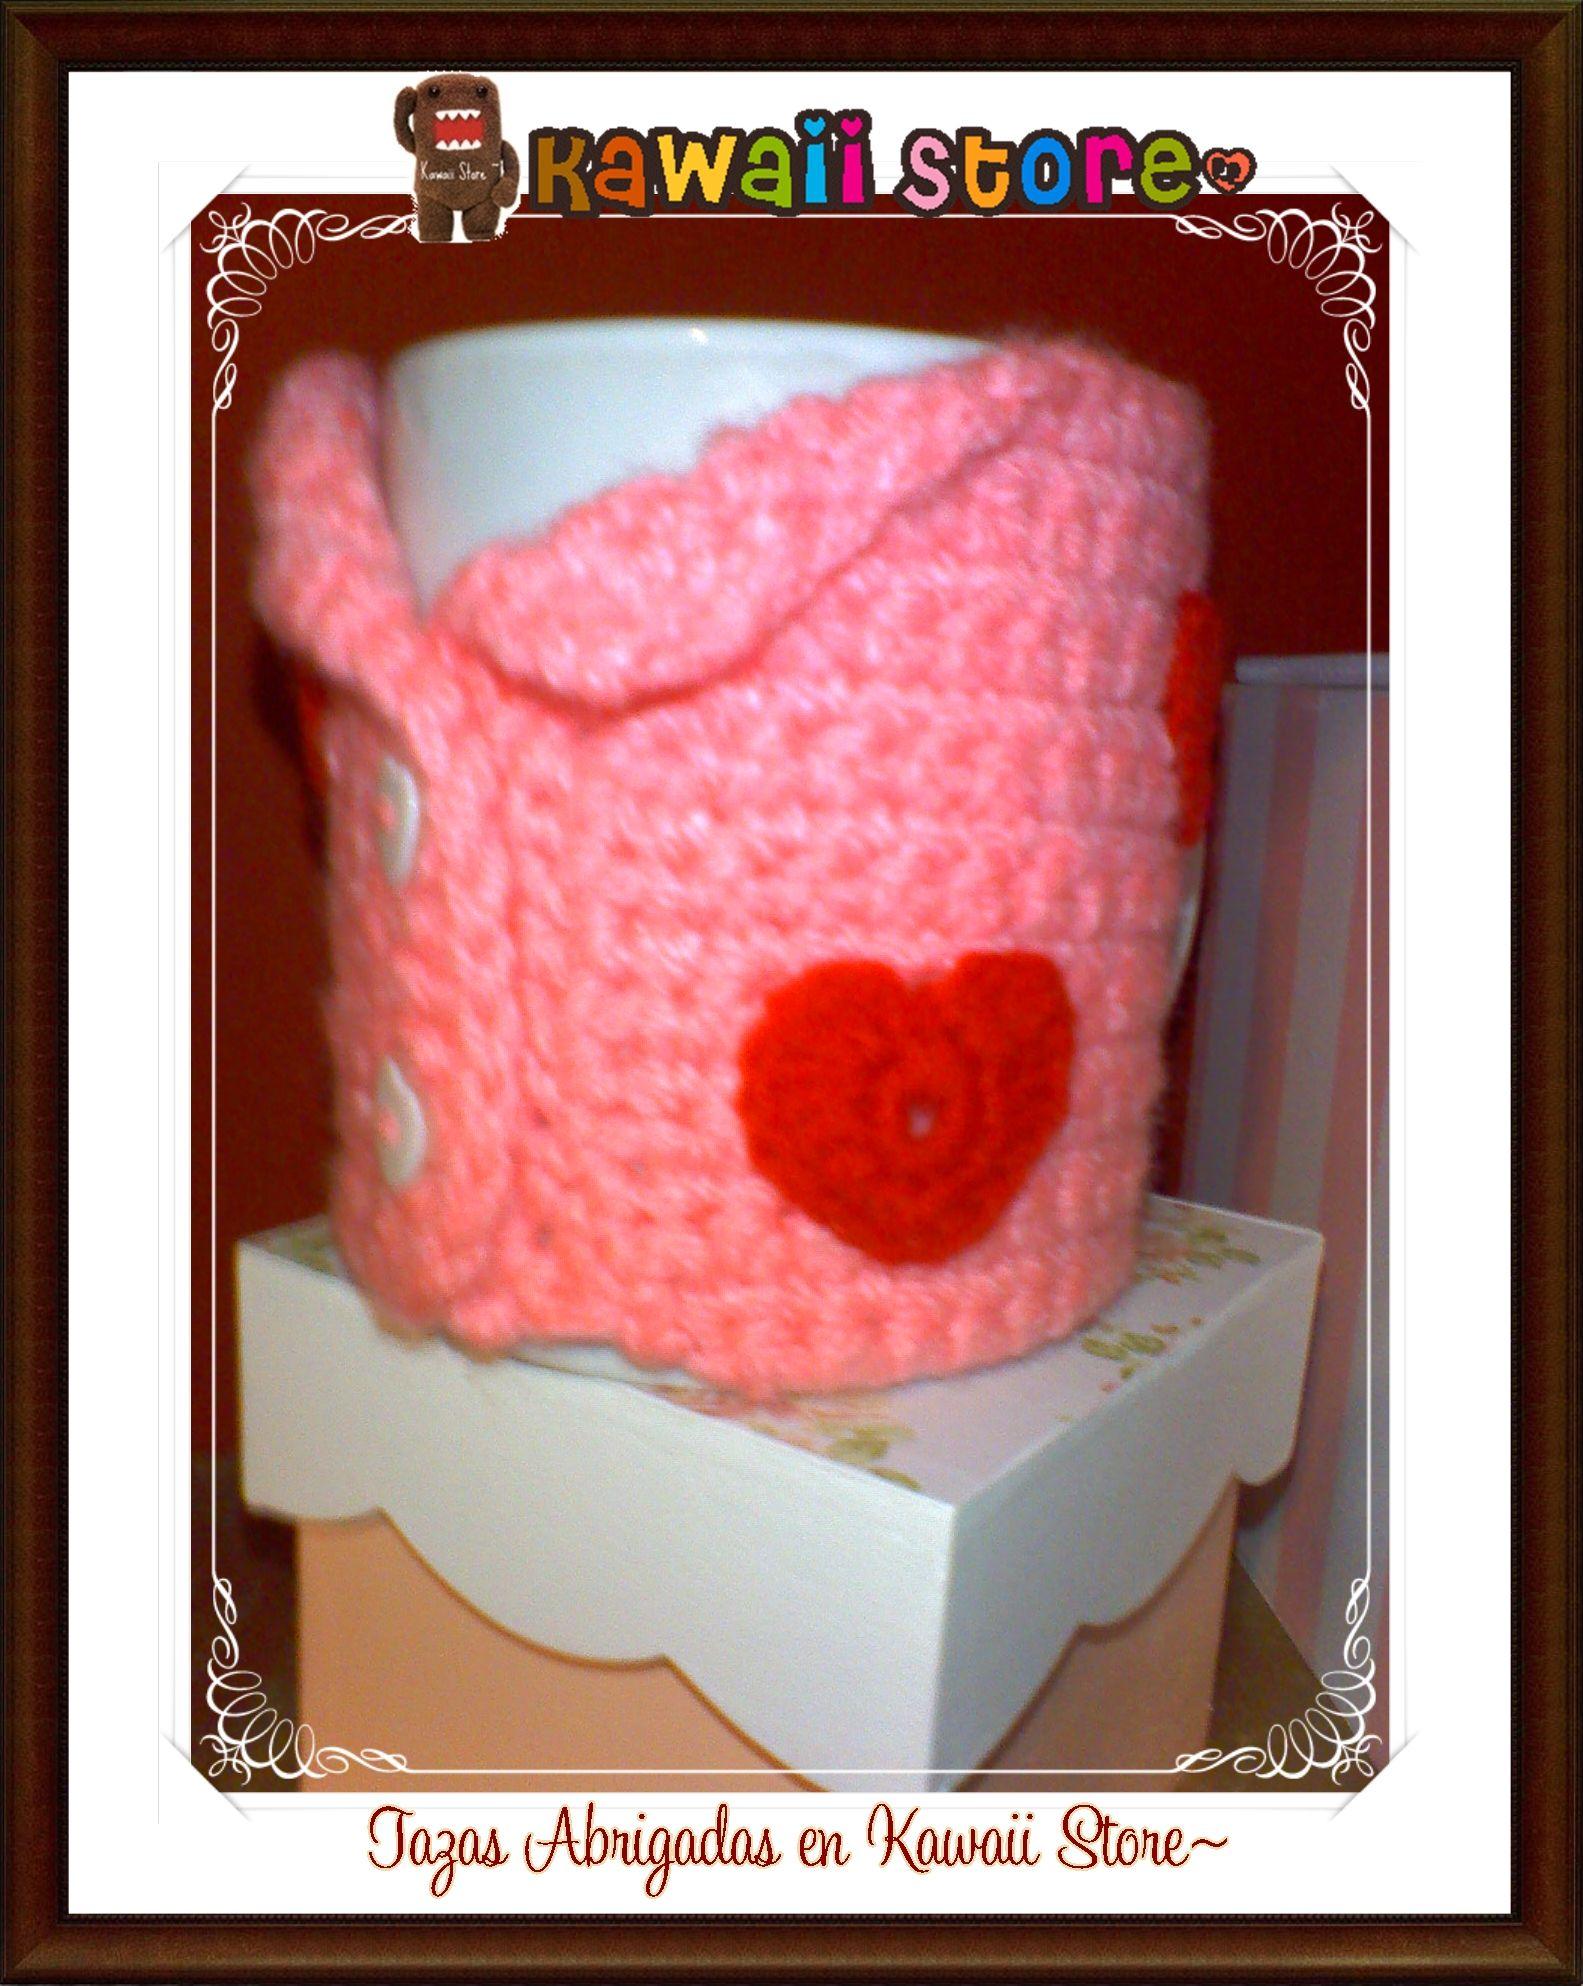 Tazas Abrigadas Utiles y Decorativas Realizados Artesanalmente en Crochet y Porcelana o Ceramica. Decora tu casa. Son Tendencia! Son Moda! No dejes de tenerlos <3 en Kawaii Store los tenemos para vos <3